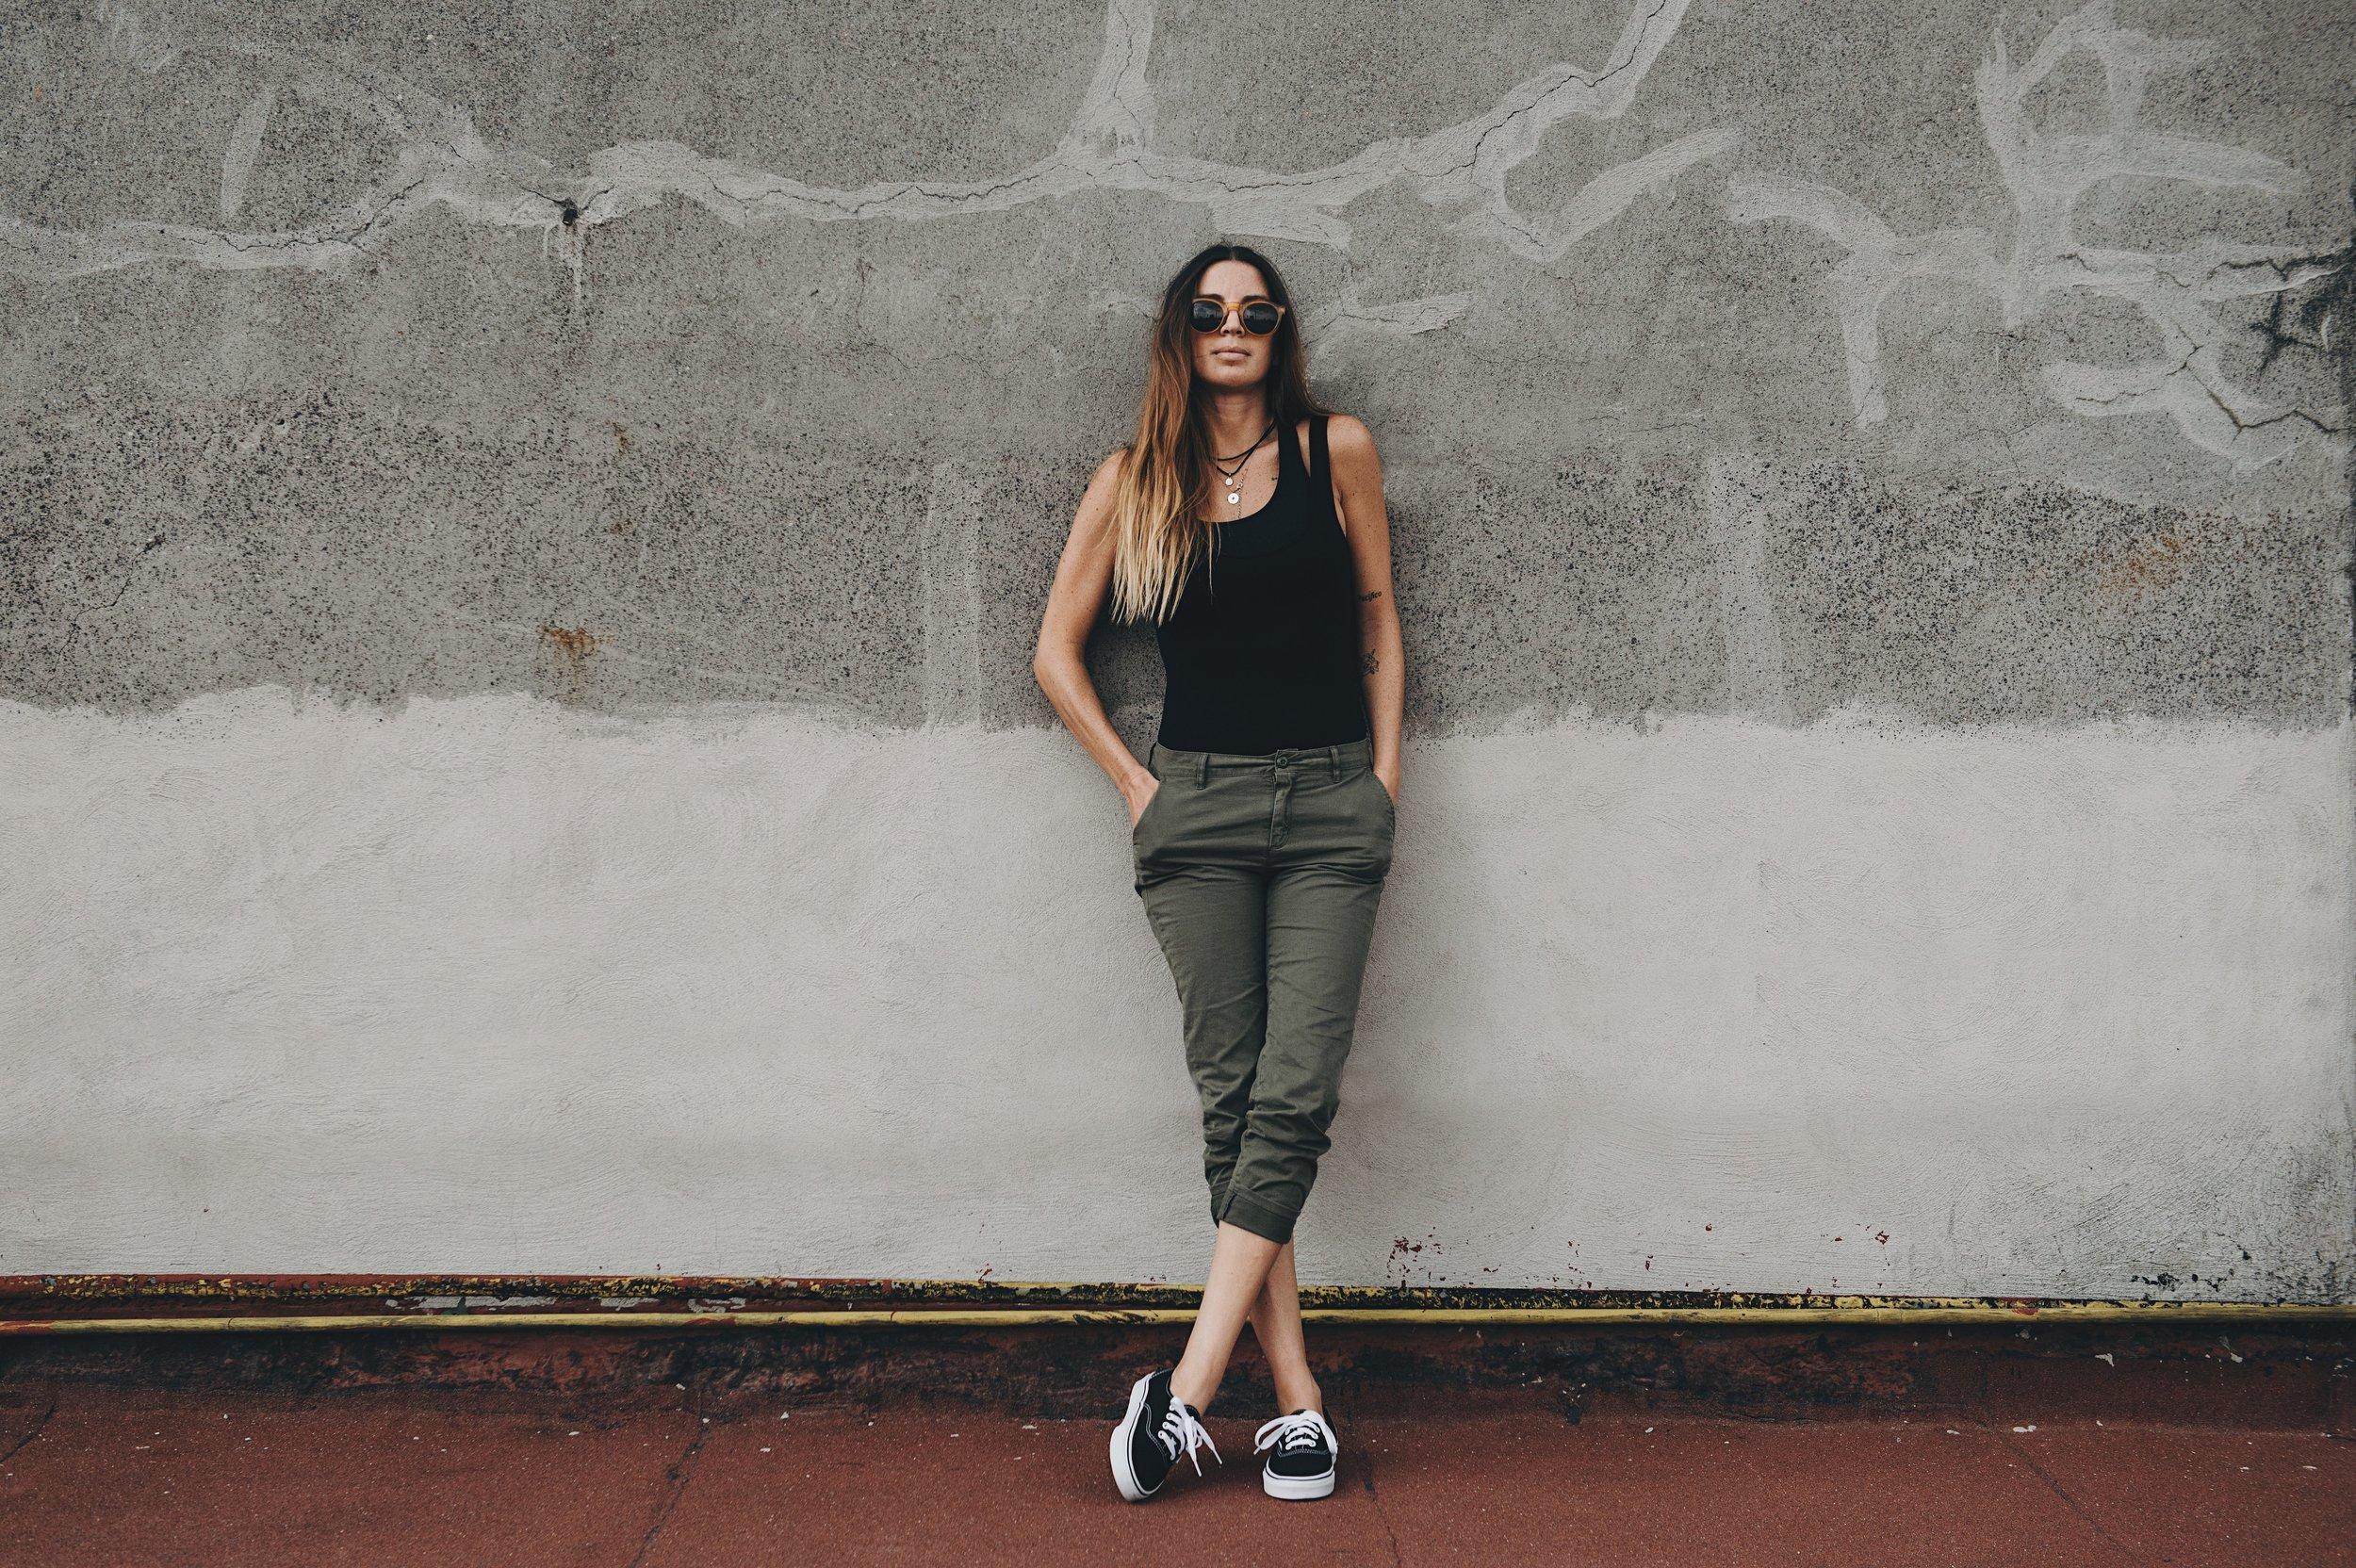 ANA PAULA ALVAREZ - Follow her Journey